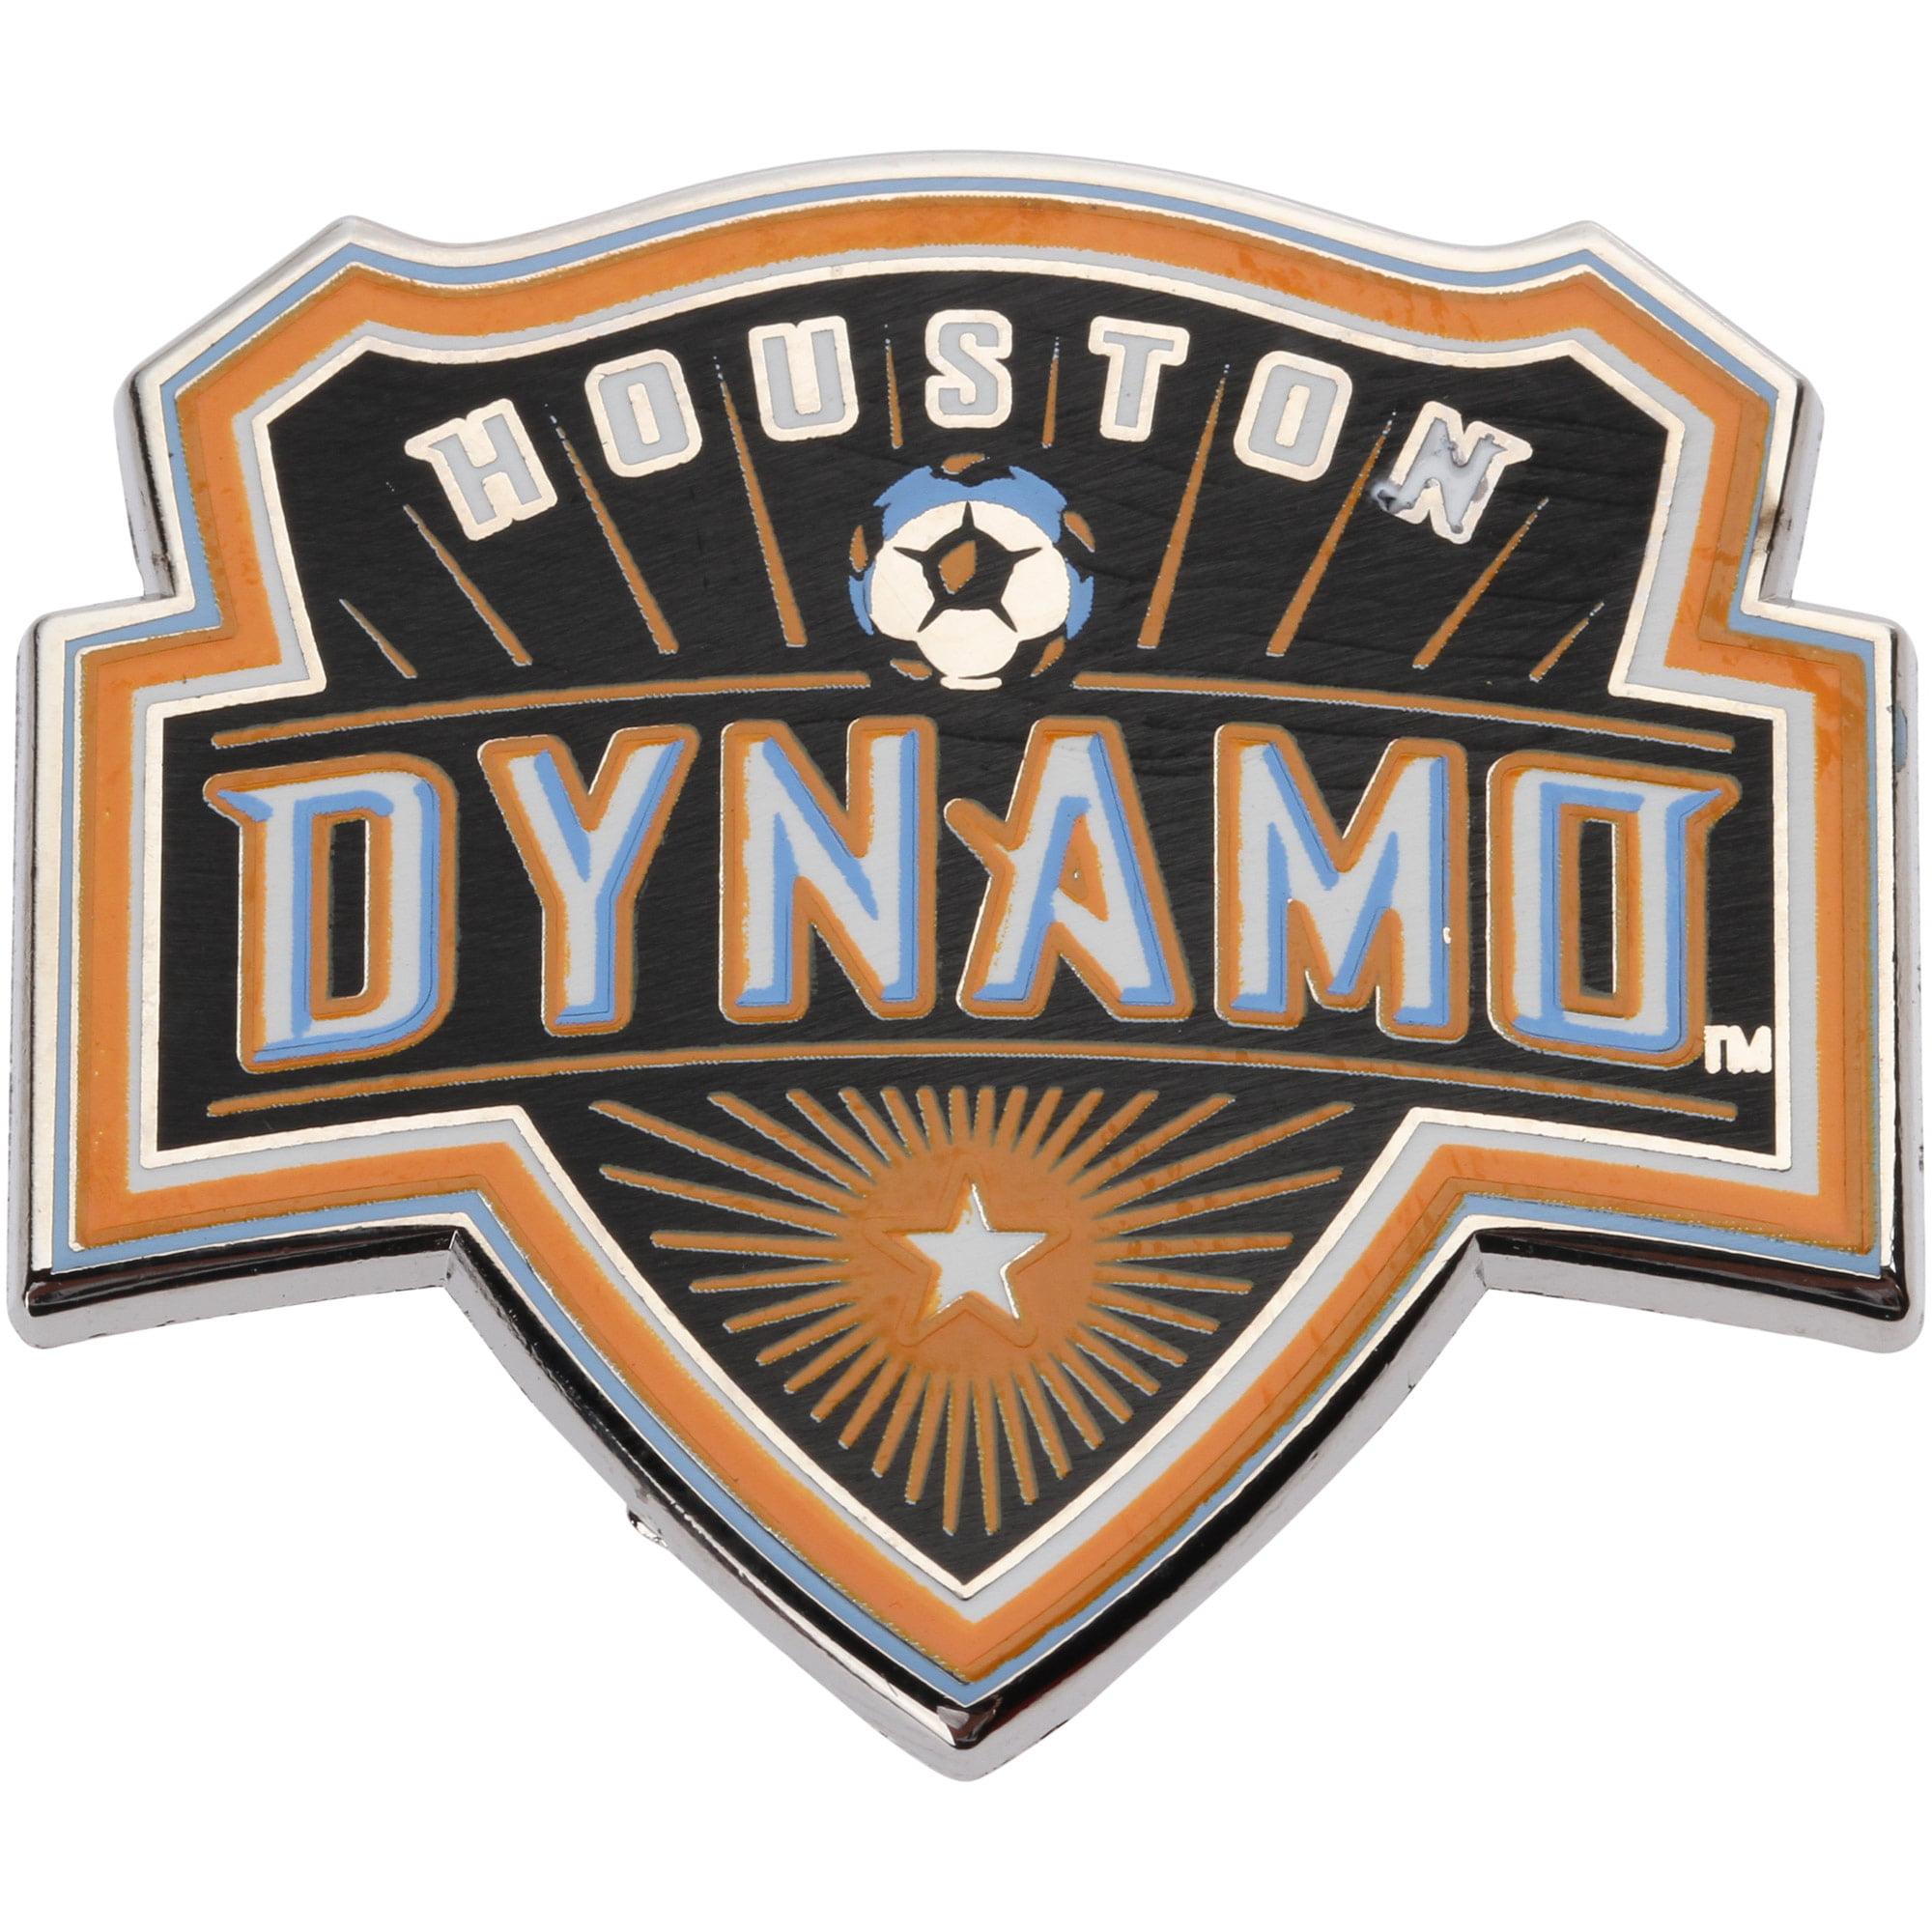 Houston Dynamo Logo Pin - No Size